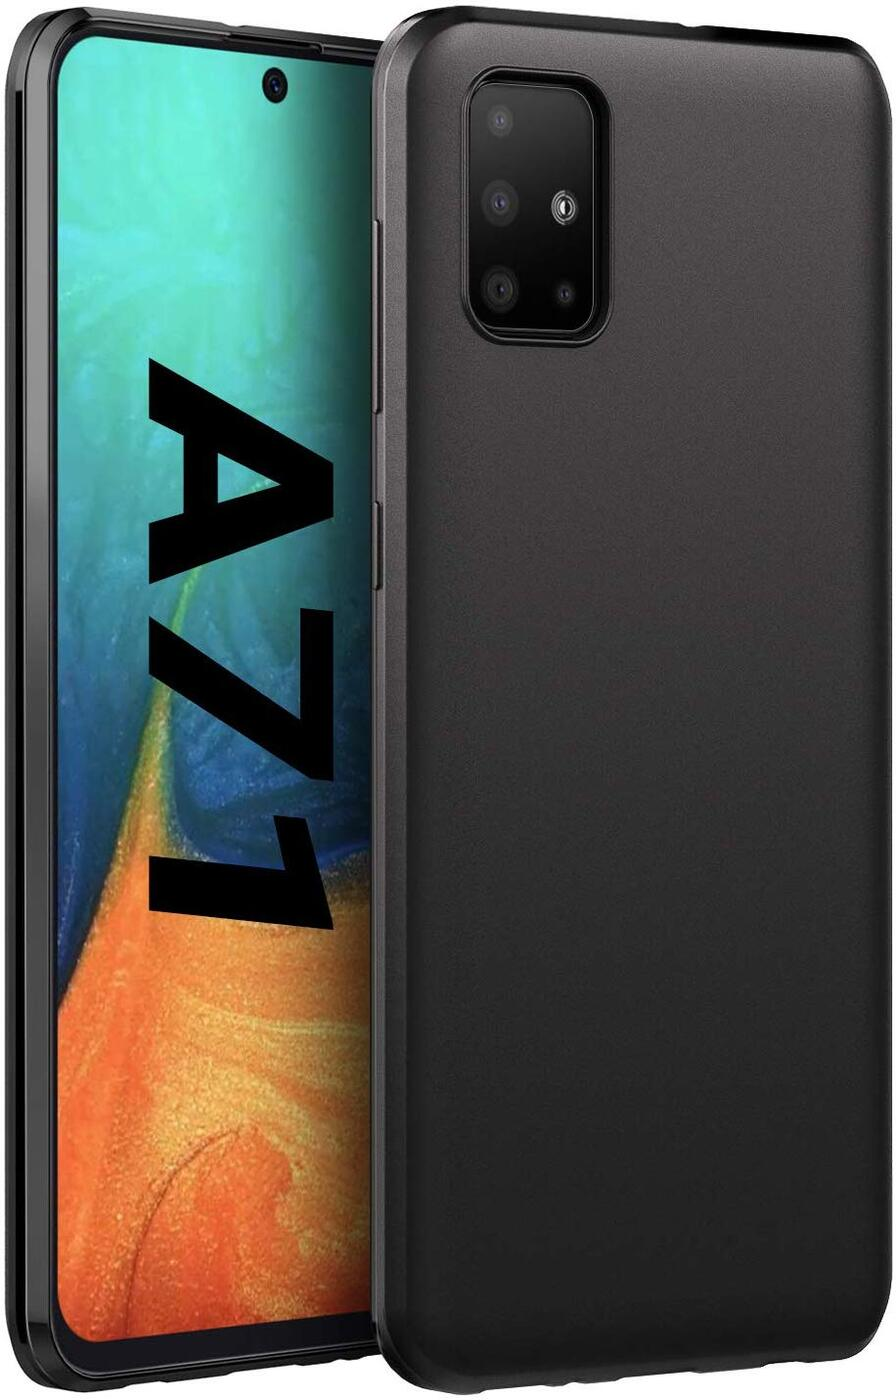 Матовый силиконовый чехол  для Samsung Galaxy A71, черный